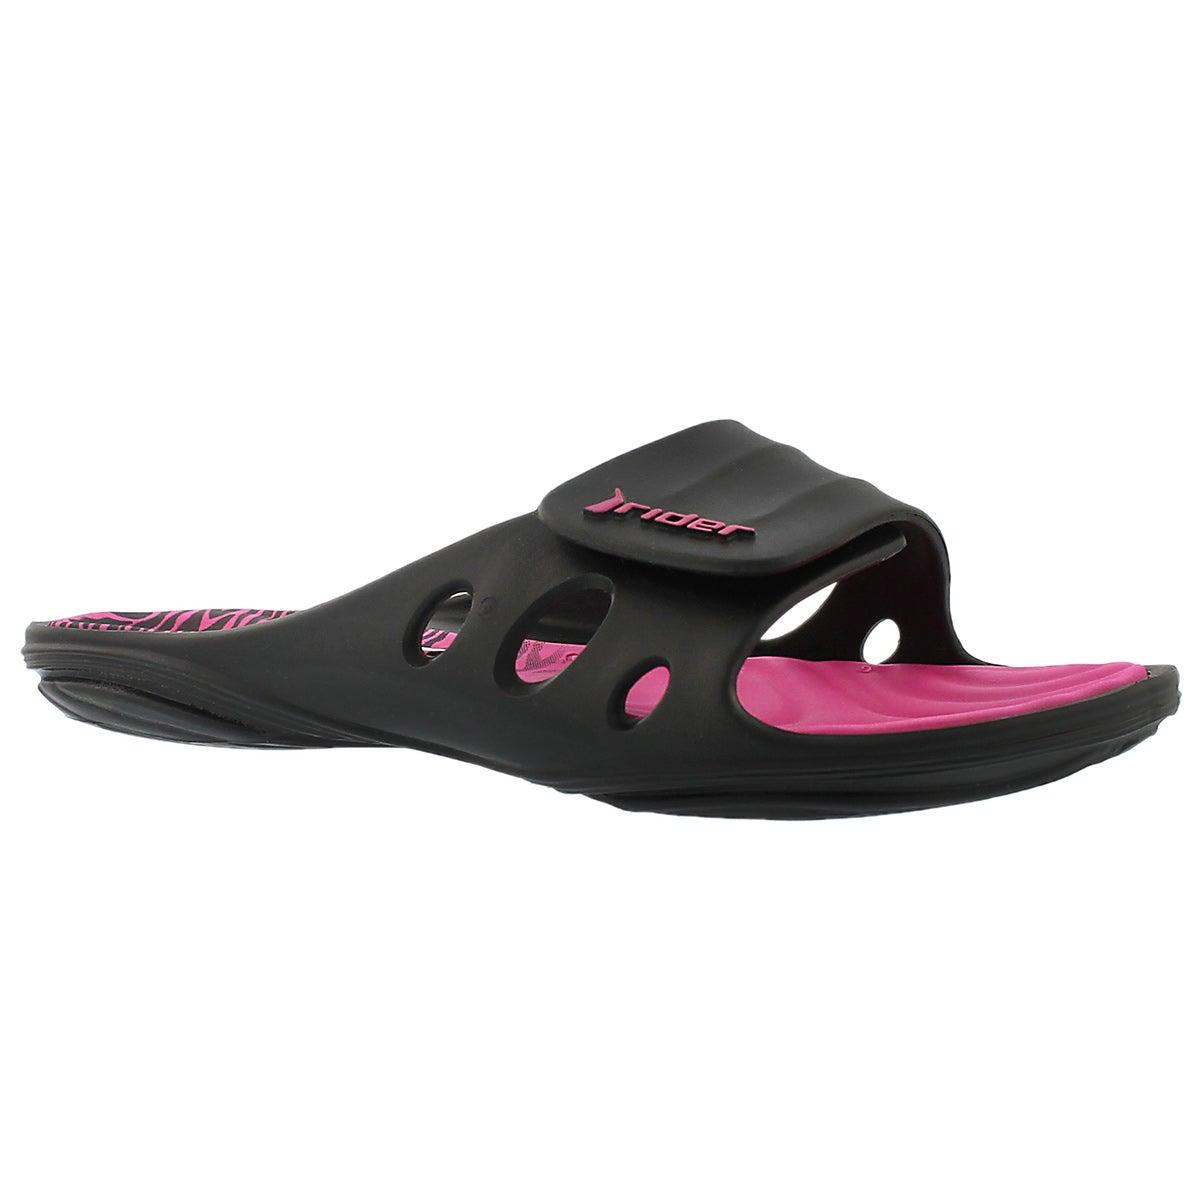 Rider Women's Key VIII Slide Sport Sandal